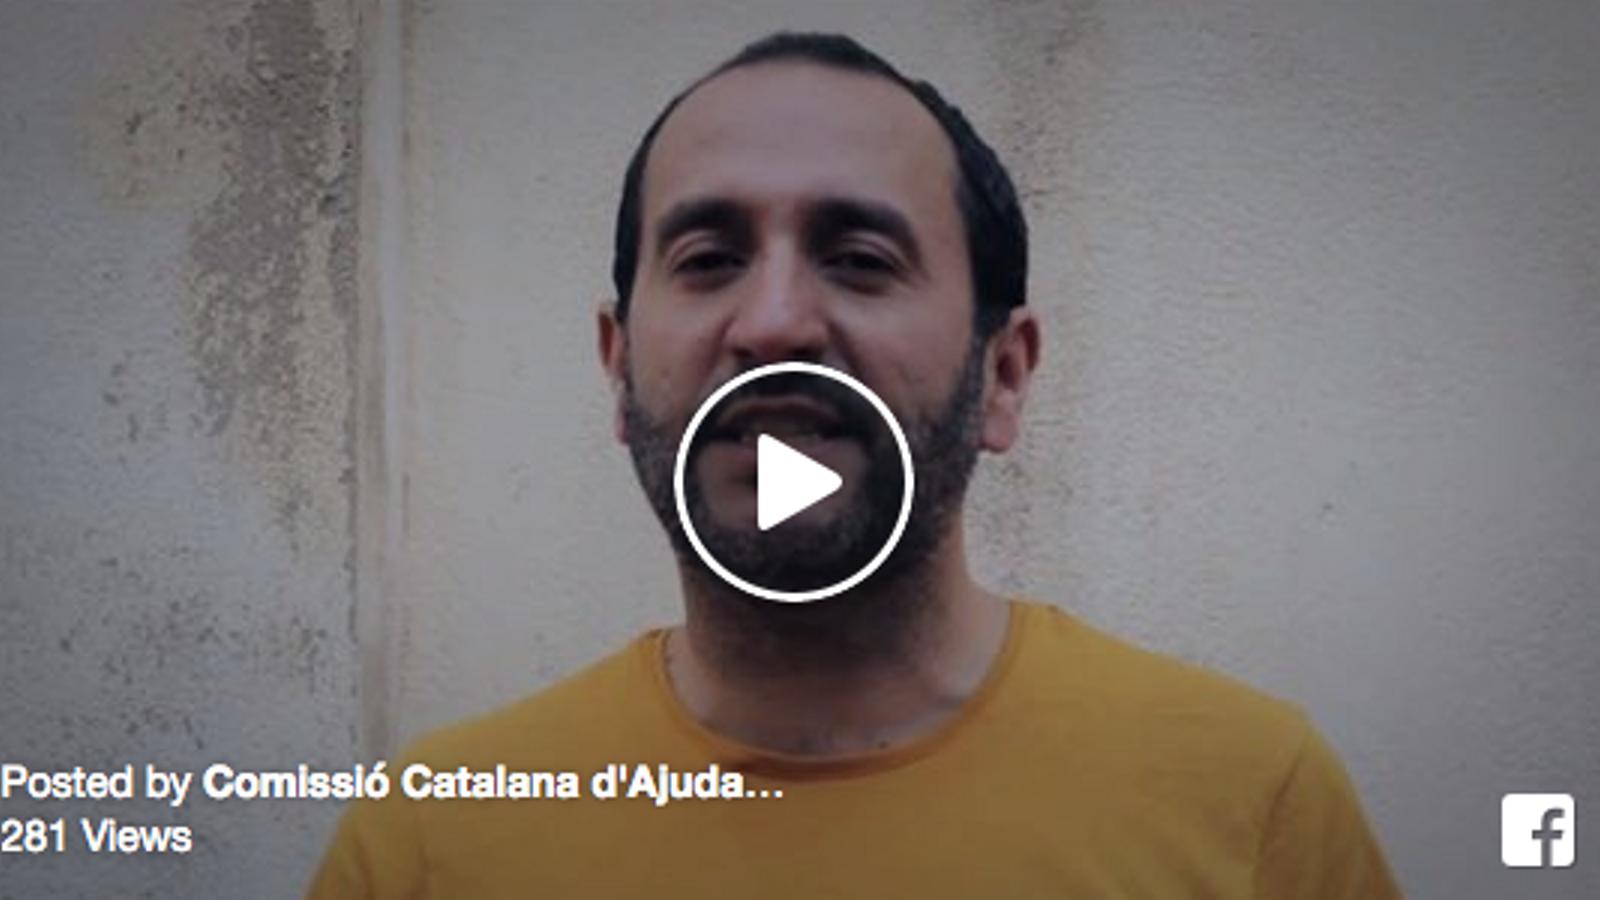 Crida per una aula on ensenyar català als refugiats